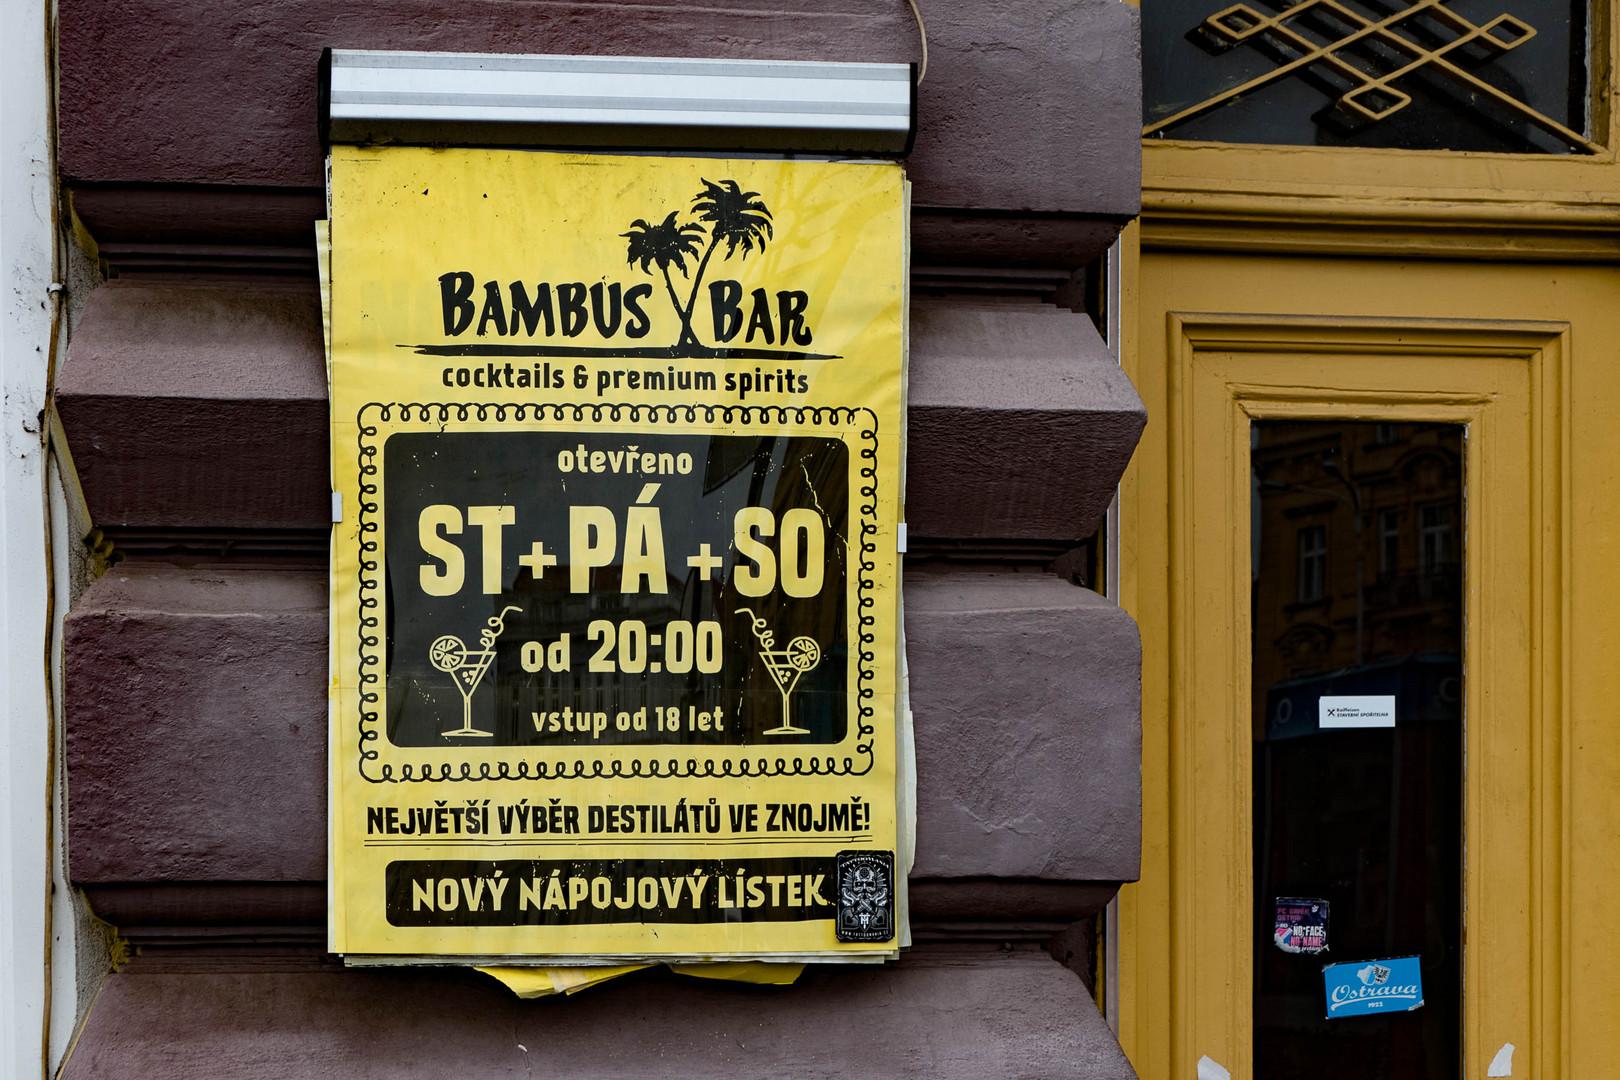 Znaim 8 Und Abends In Die Bambus Bar Foto Bild Tschechien